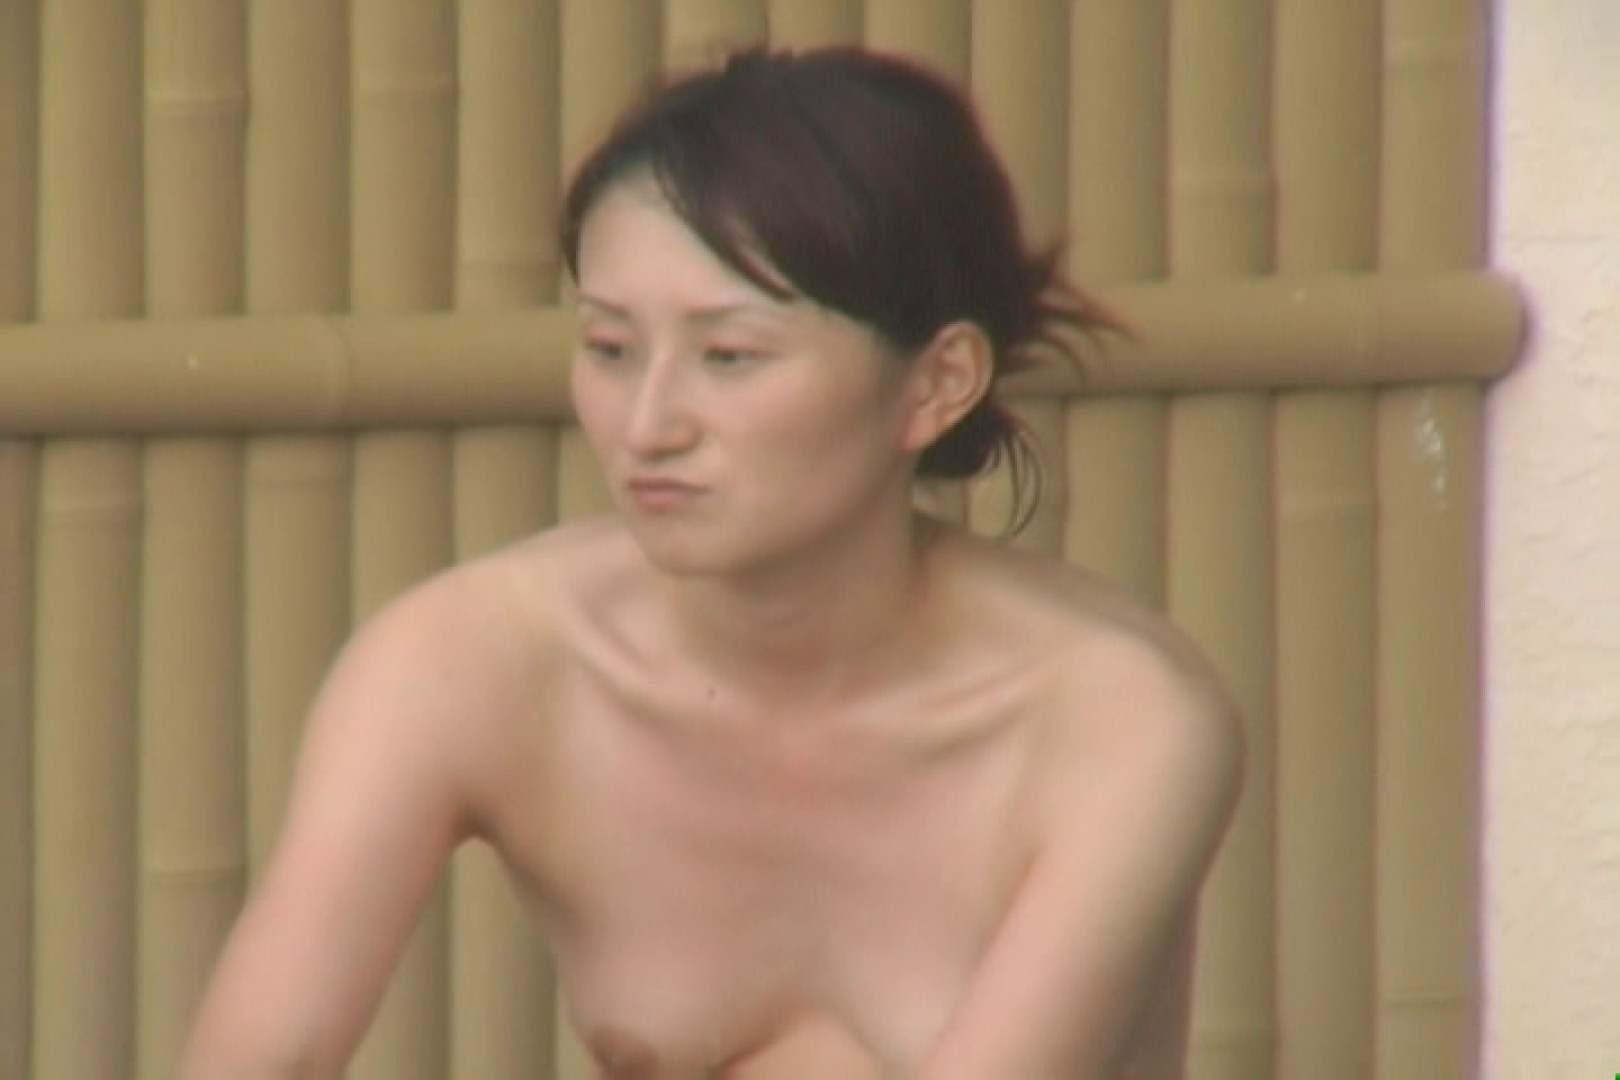 Aquaな露天風呂Vol.578 盗撮師作品 | 美しいOLの裸体  70pic 43